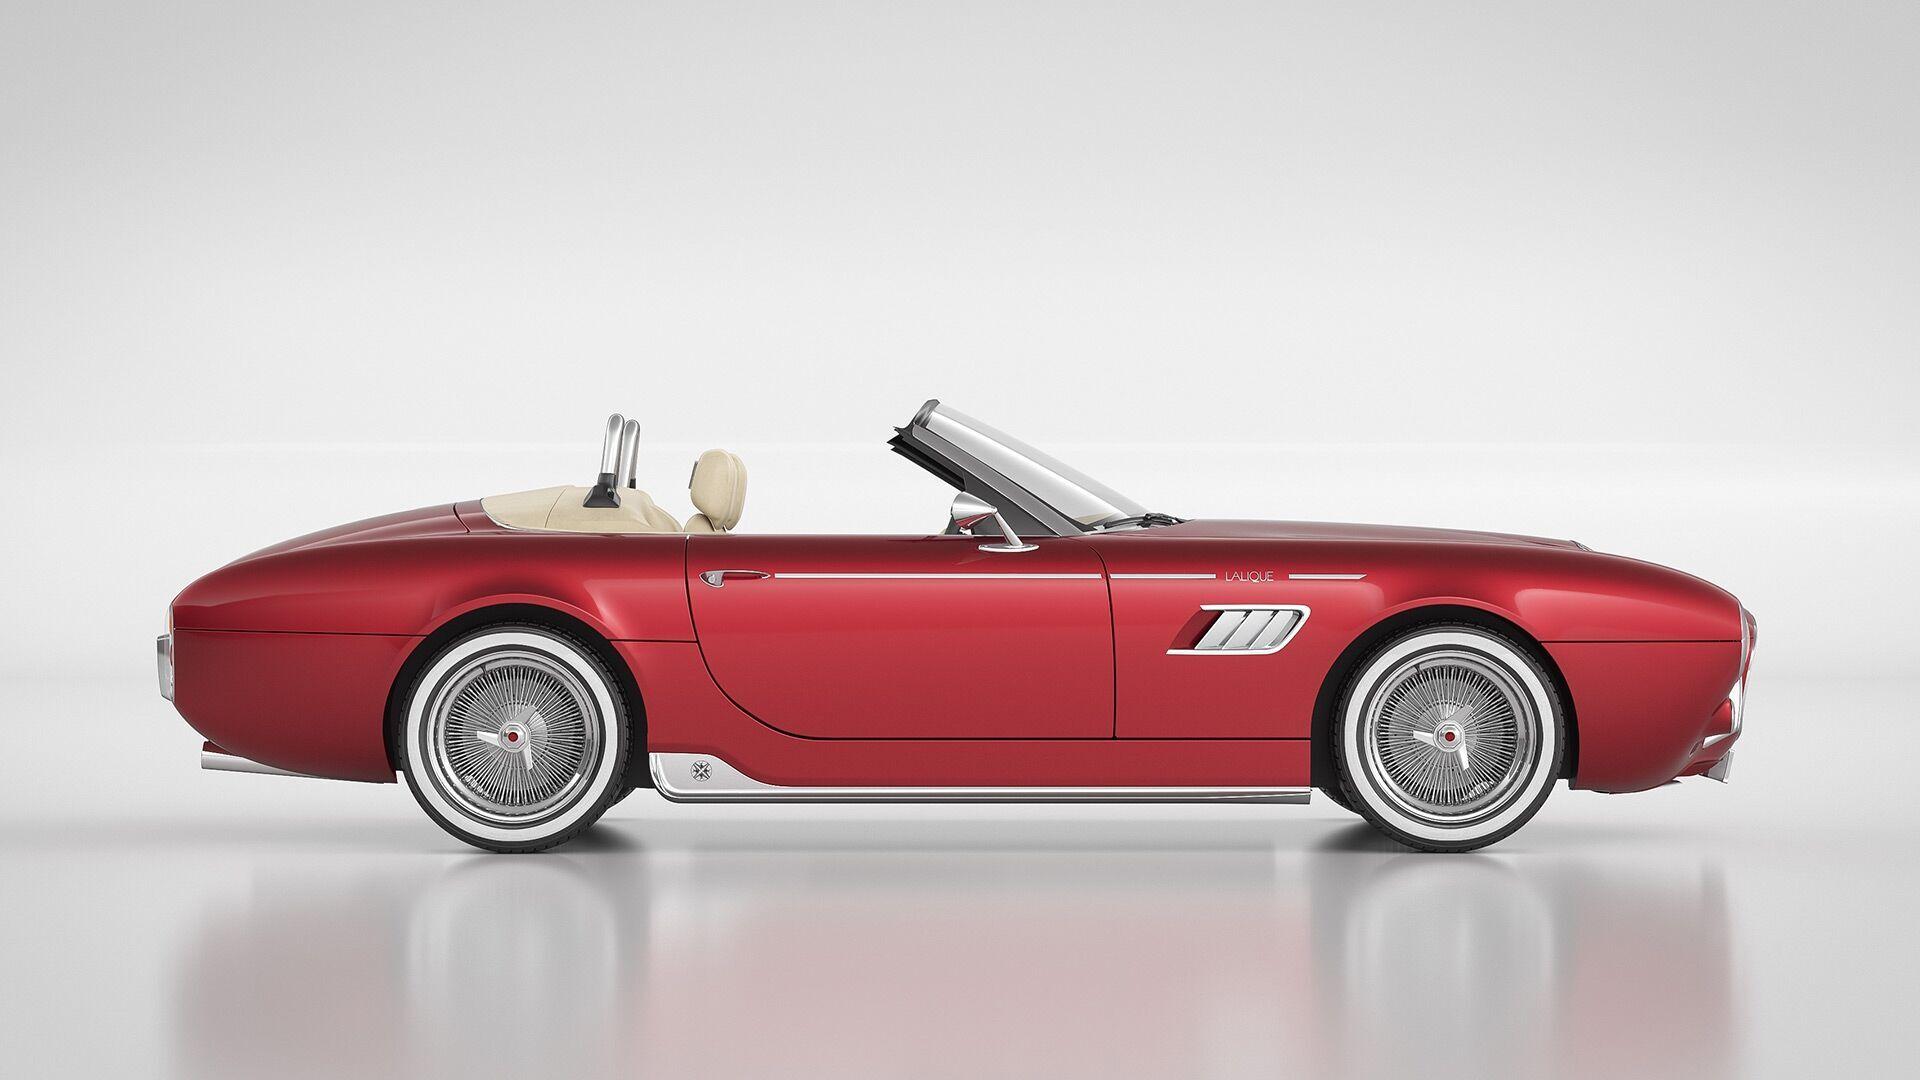 Автомобіль створений за участю знаменитої французької компанії Lalique